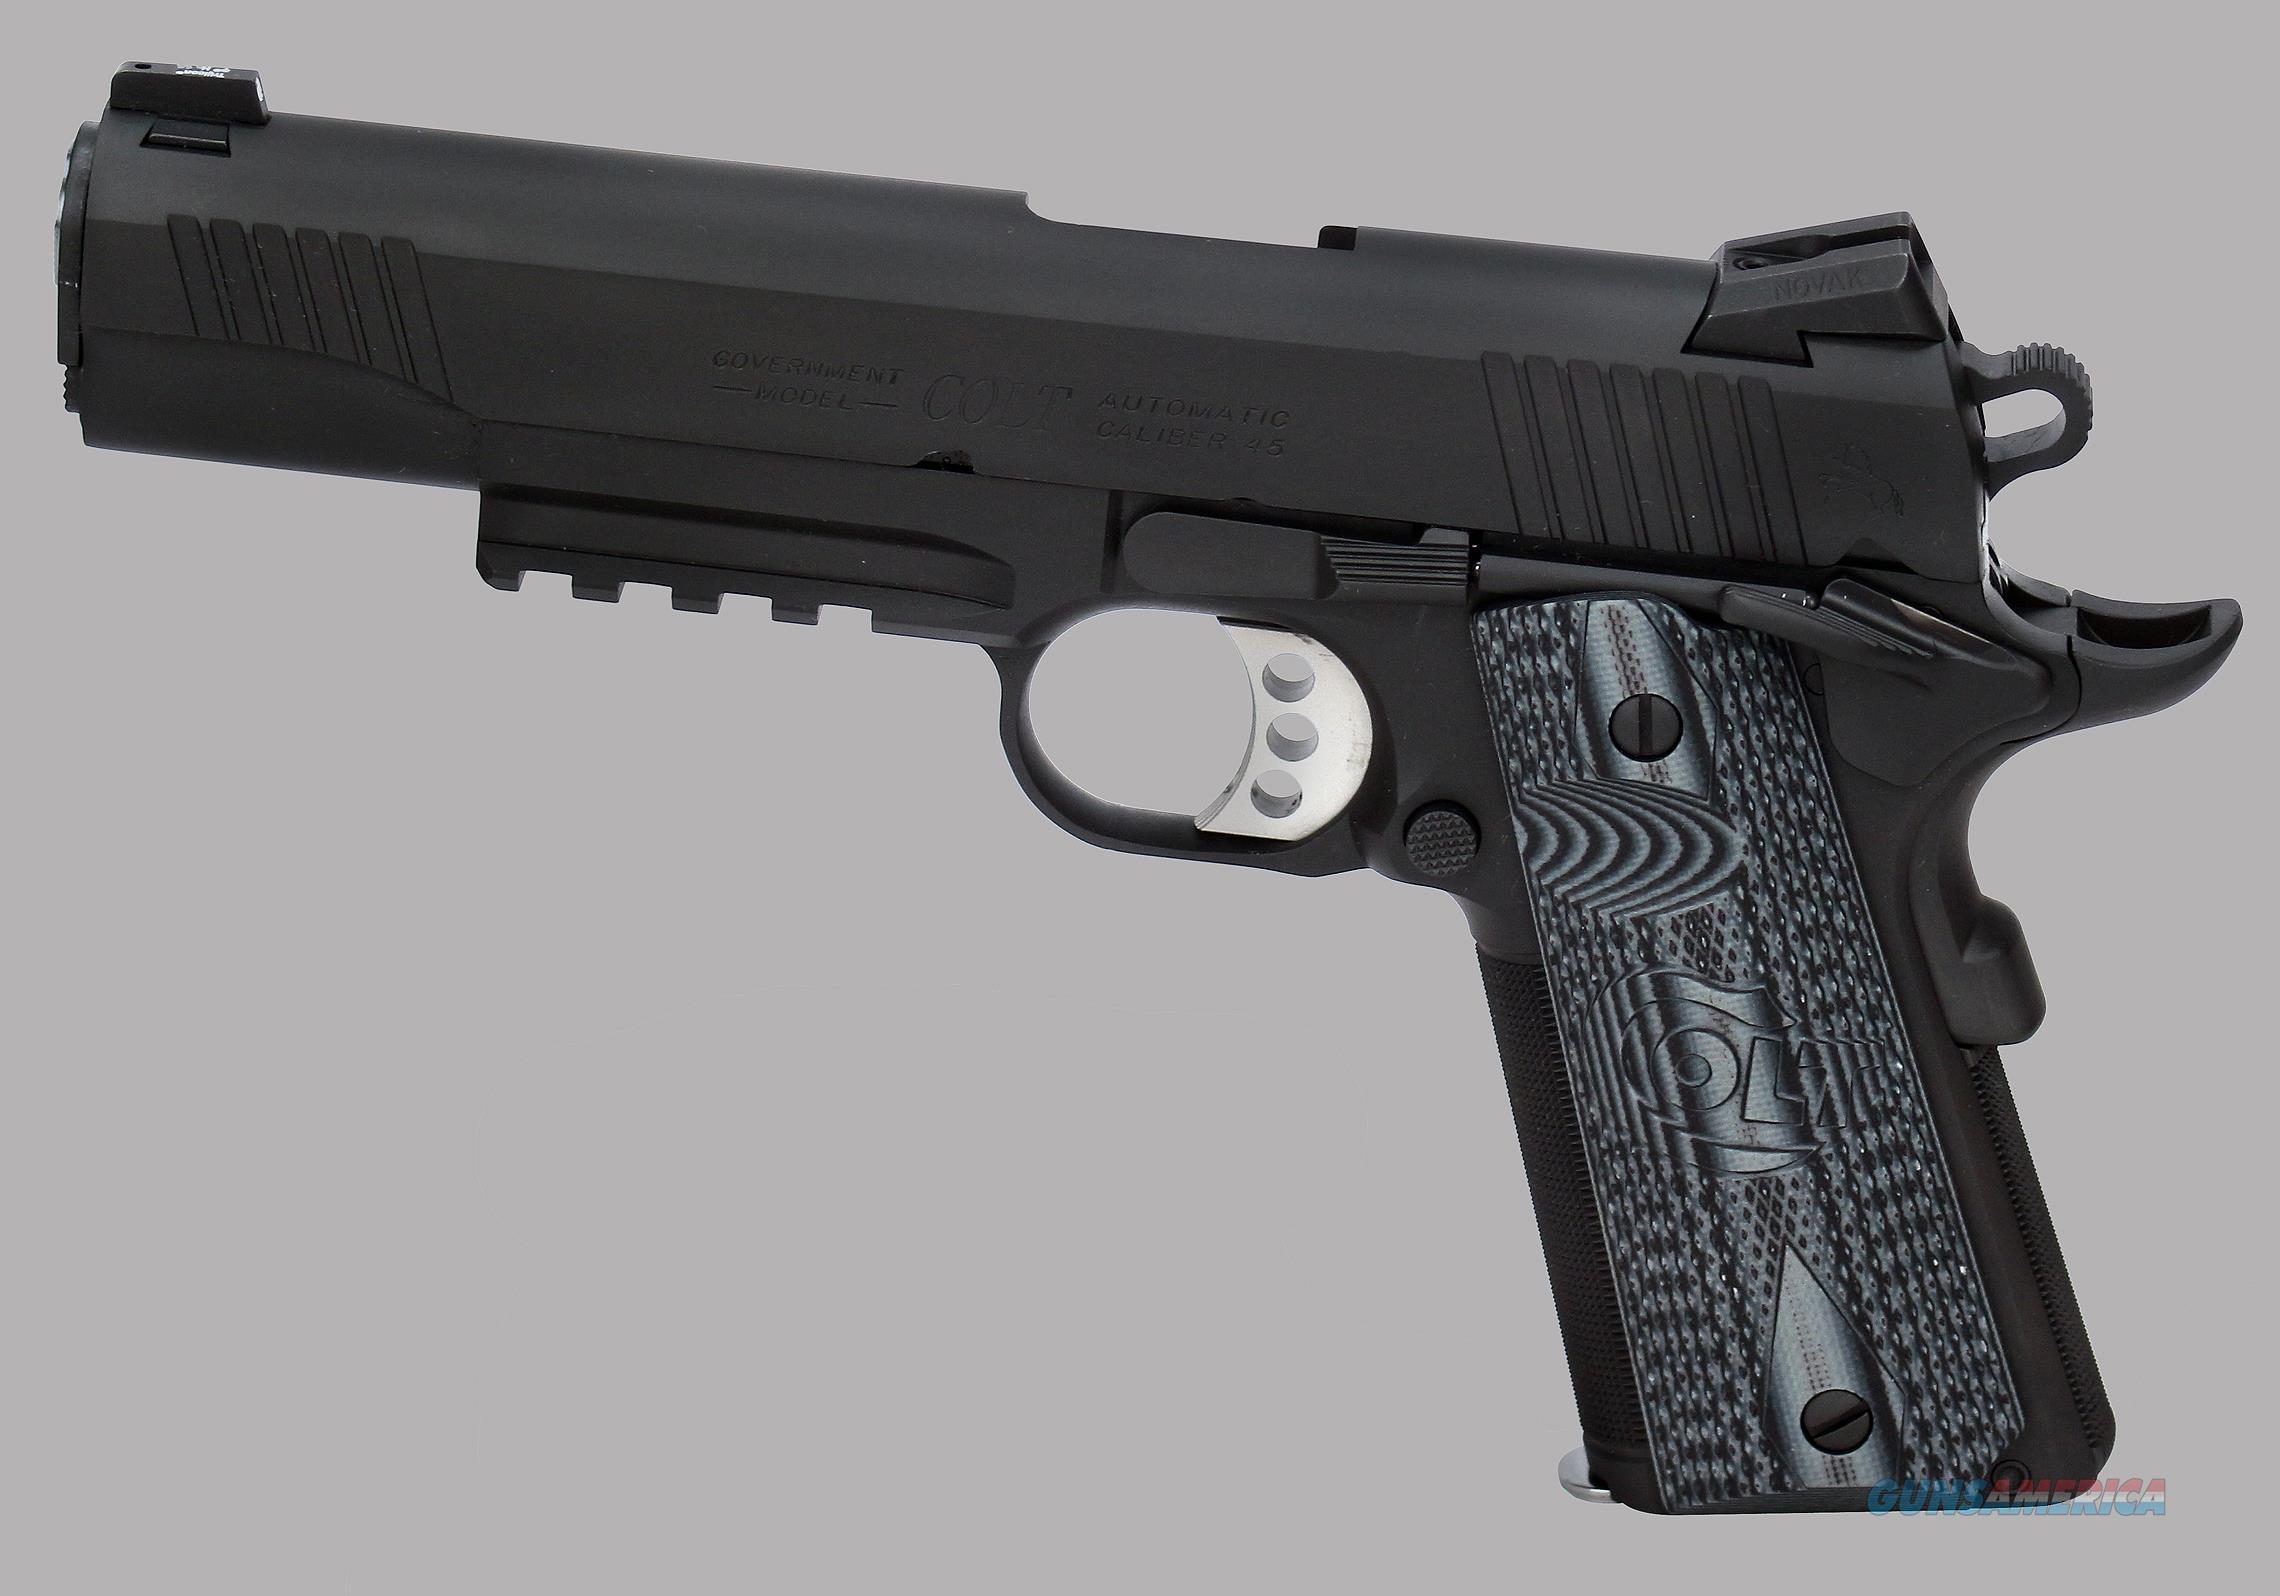 Colt 45acp Government Combat Unit Pistol for sale